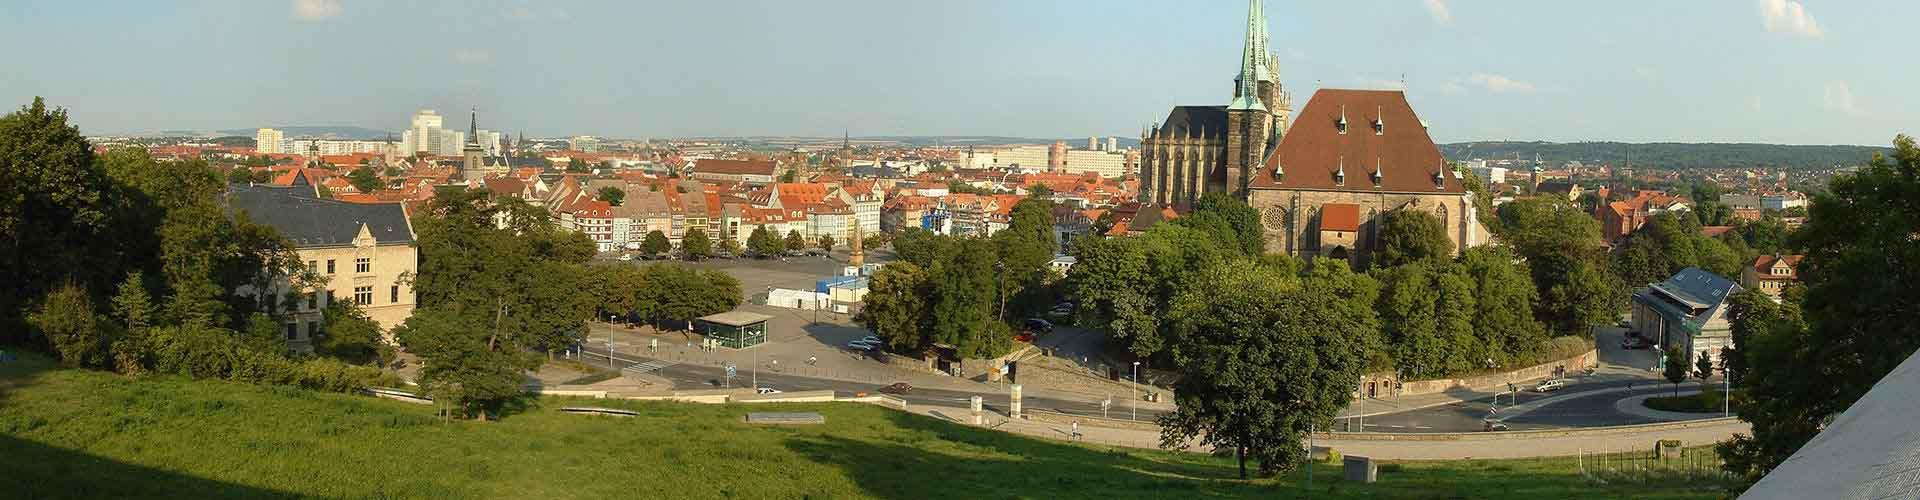 Erfurt - Campamentos en Erfurt. Mapas de Erfurt, Fotos y Comentarios para cada campamento en Erfurt.